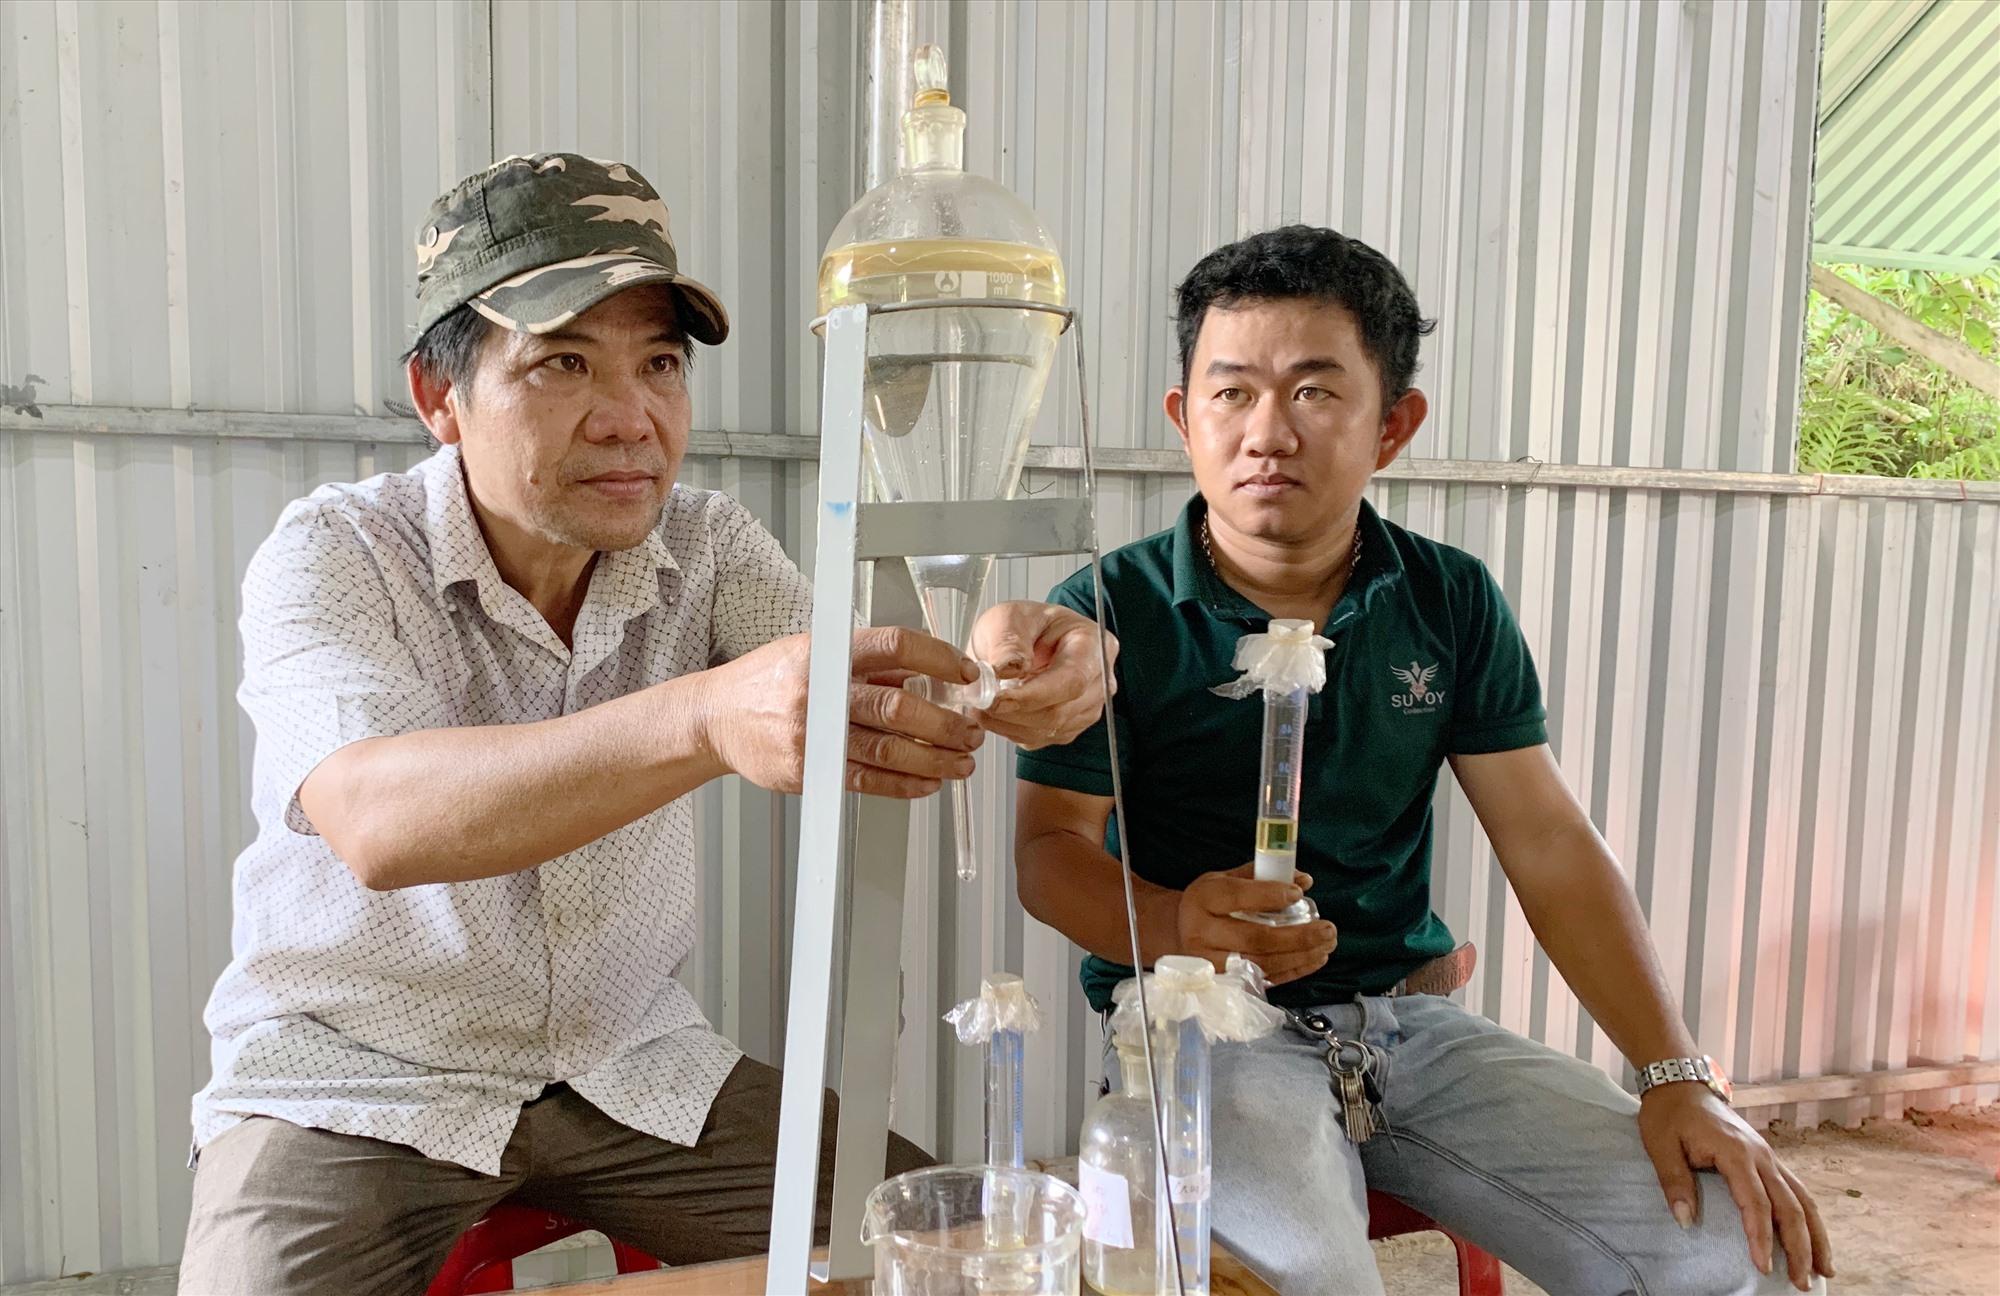 Anh Nam (bên phải) chiết xuất tinh dầu thành công và quyết định đầu tư sản xuất quy mô lớn. Ảnh: PHAN VINH